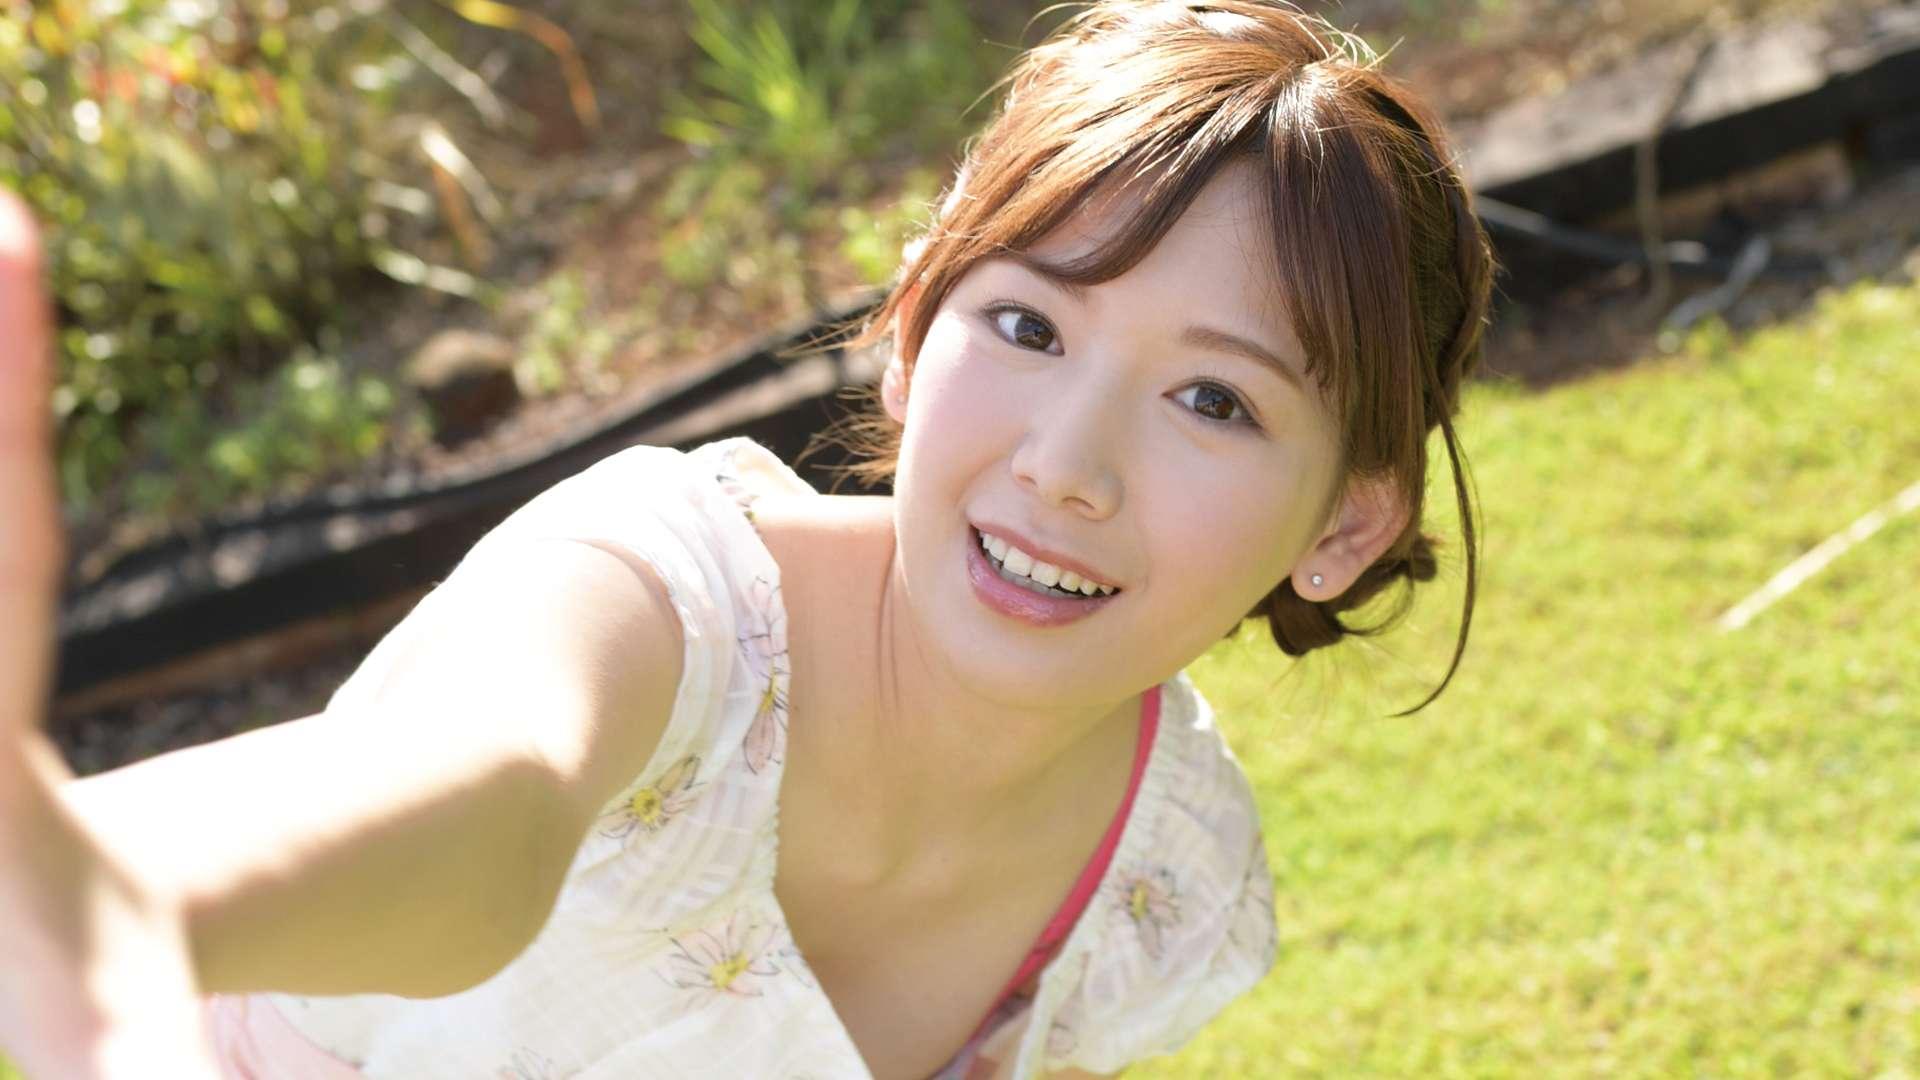 明里つむぎ『Tsumugi Sweet honeymoon』